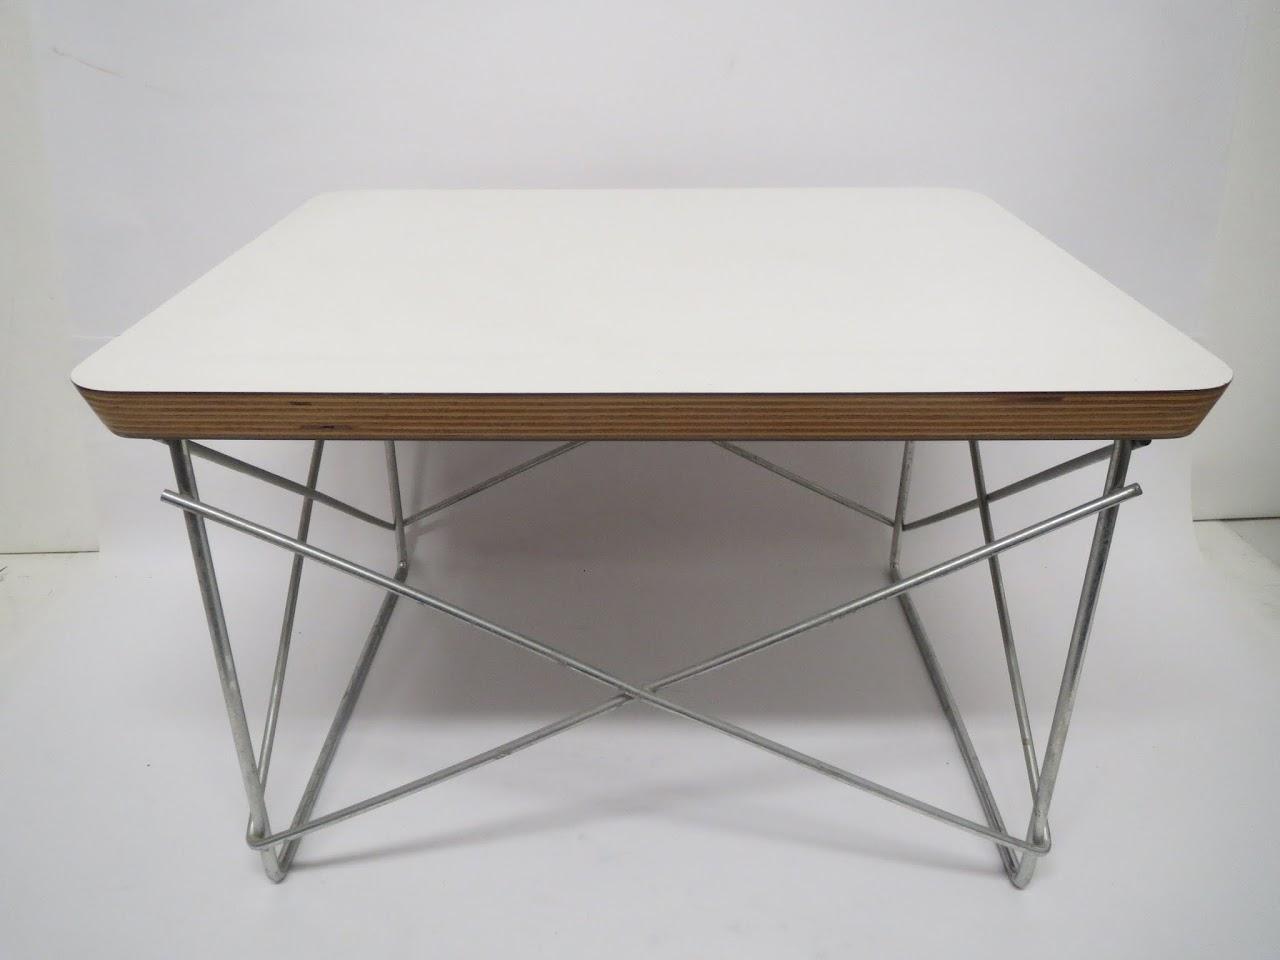 Herman Miller x Eames Footstool